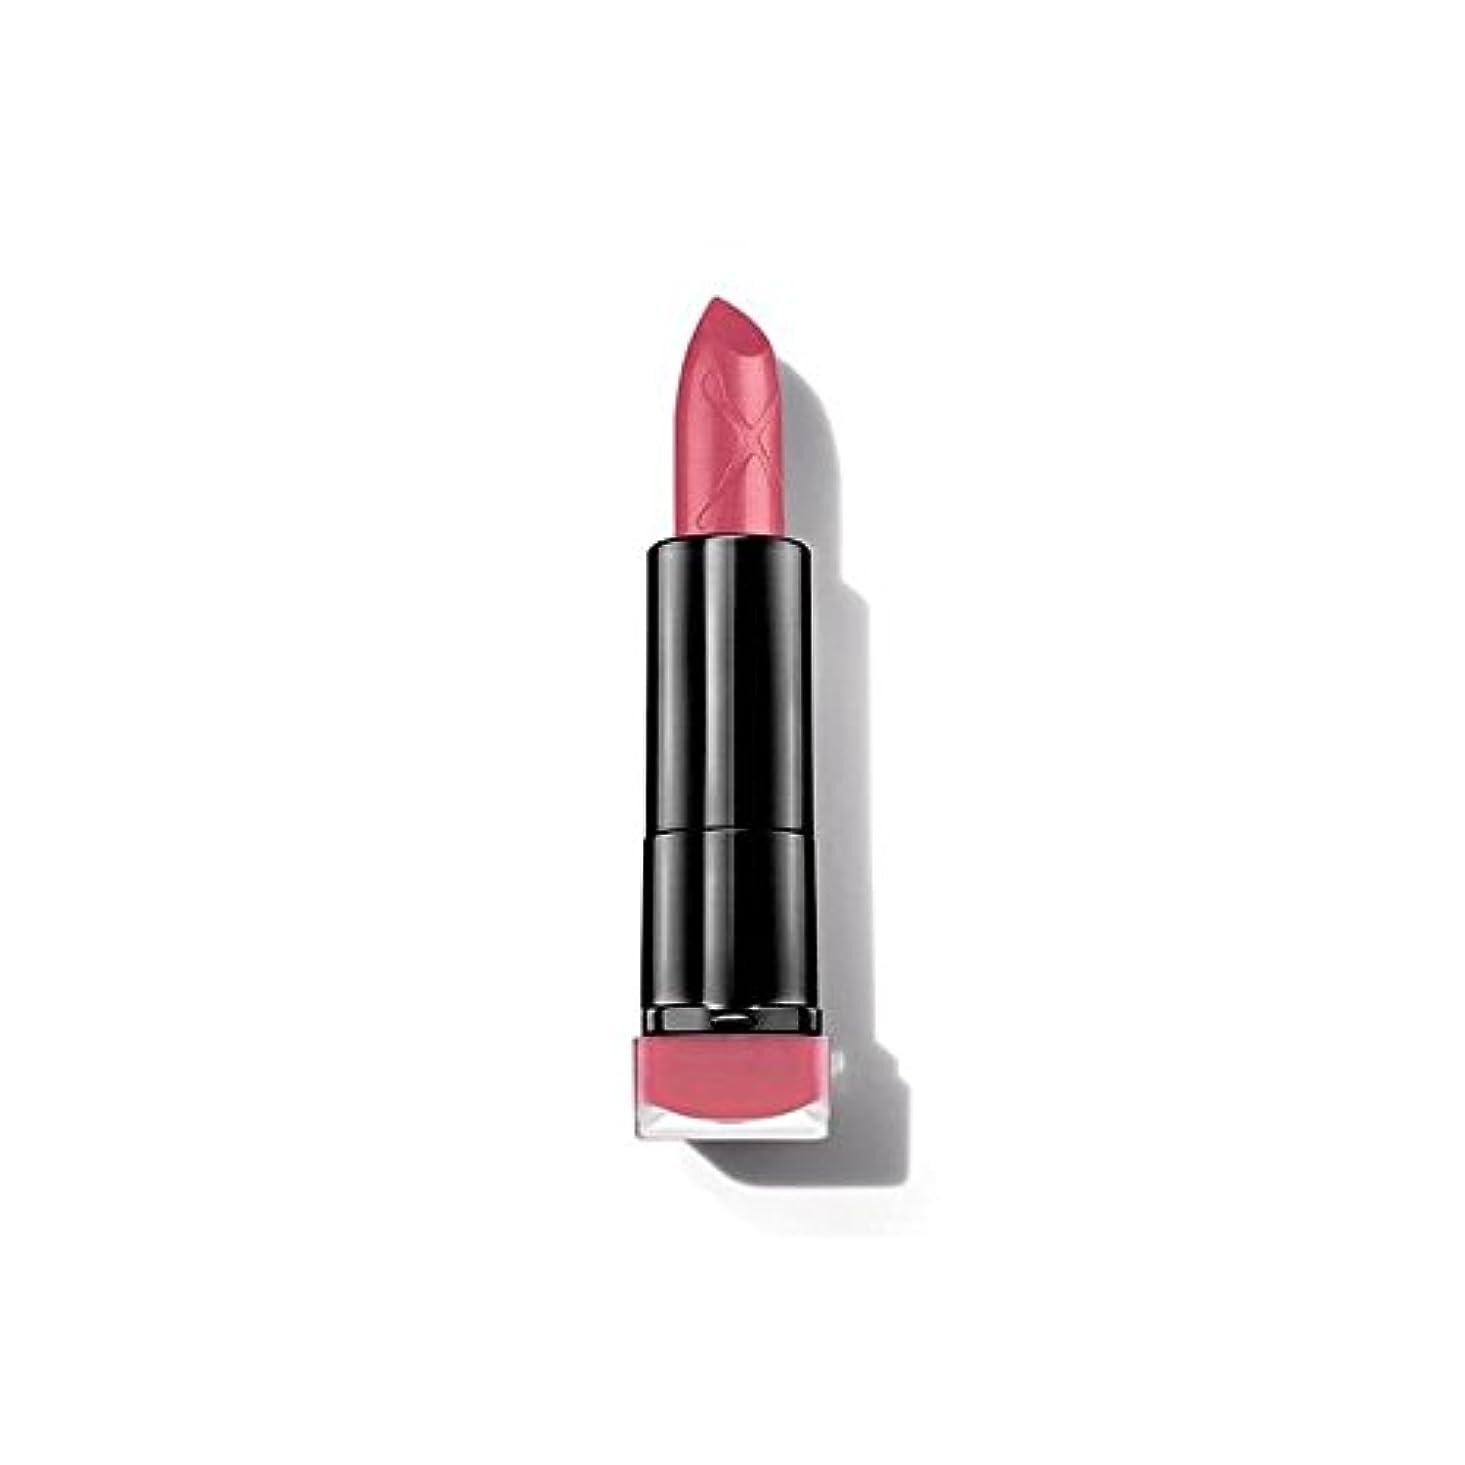 吐く着替えるみマックスファクターカラーエリキシルマット弾丸の口紅は、20ローズ x2 - Max Factor Colour Elixir Matte Bullet Lipstick Rose 20 (Pack of 2) [並行輸入品]